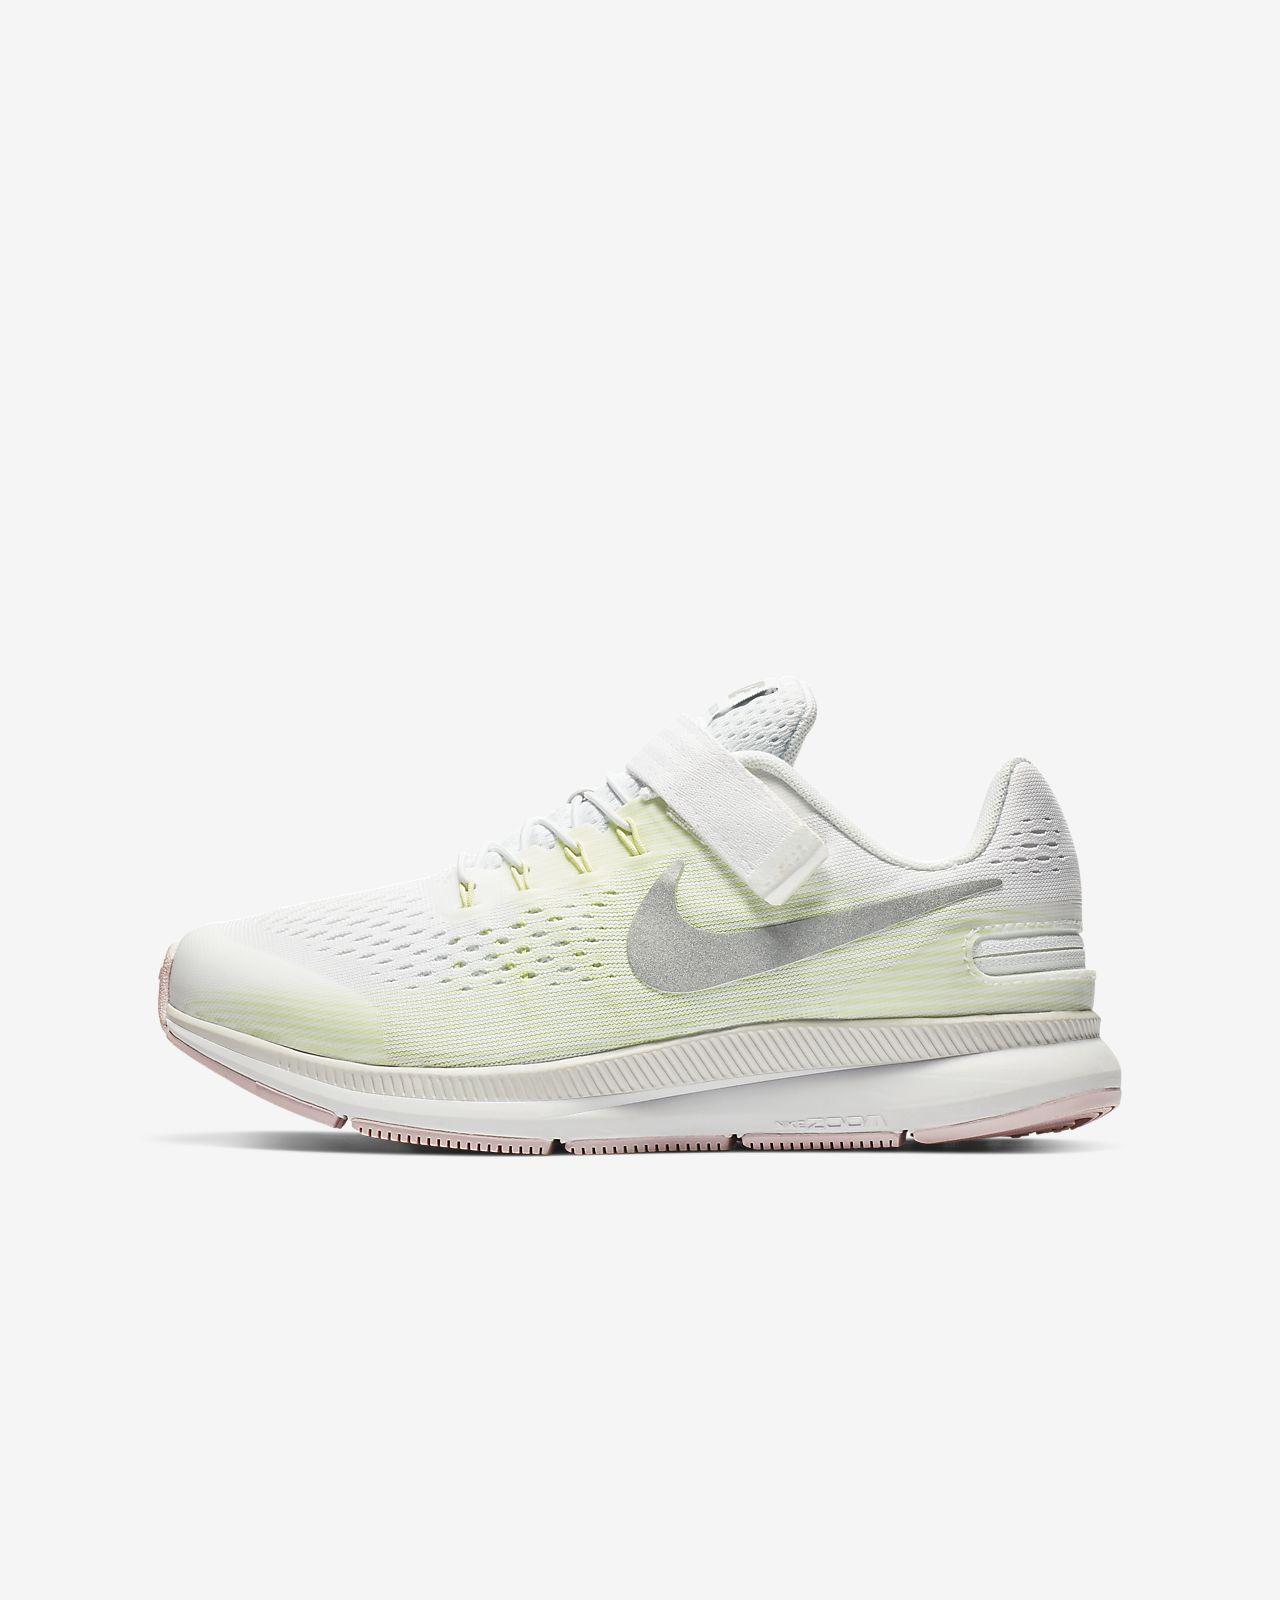 Enfantenfant Âgé Flyease 34 Chaussure De Jeune Running Zoom Pegasus Pour Plus Nike XZiOTPuk